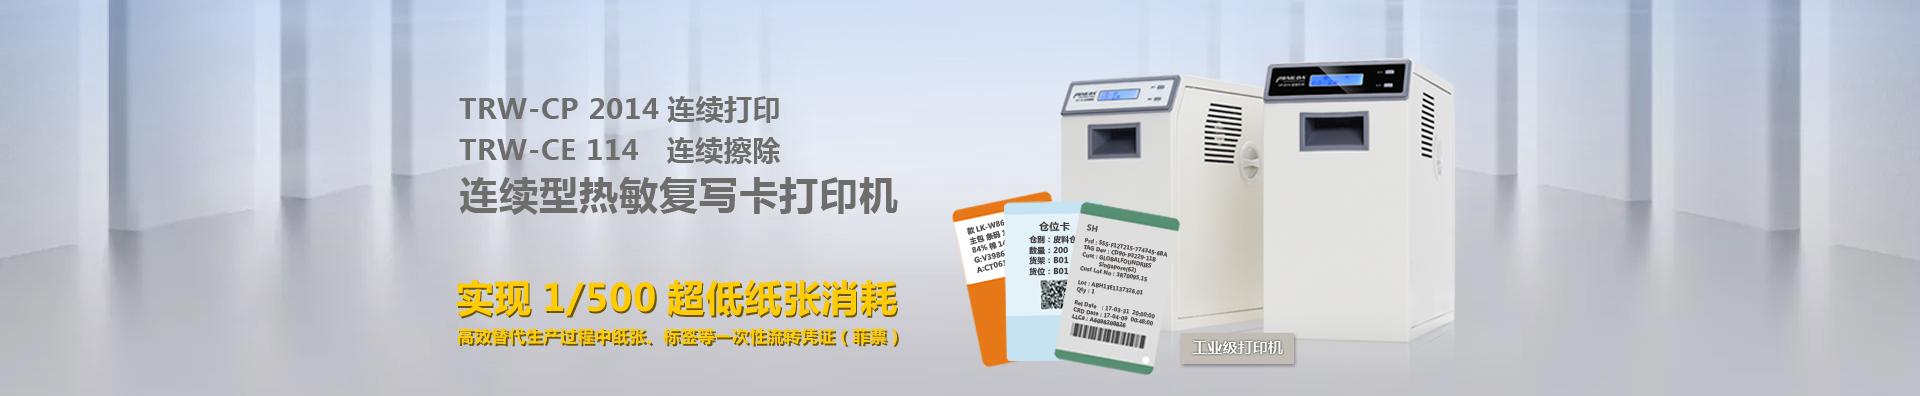 榮大可視卡打印機三年無條件質保